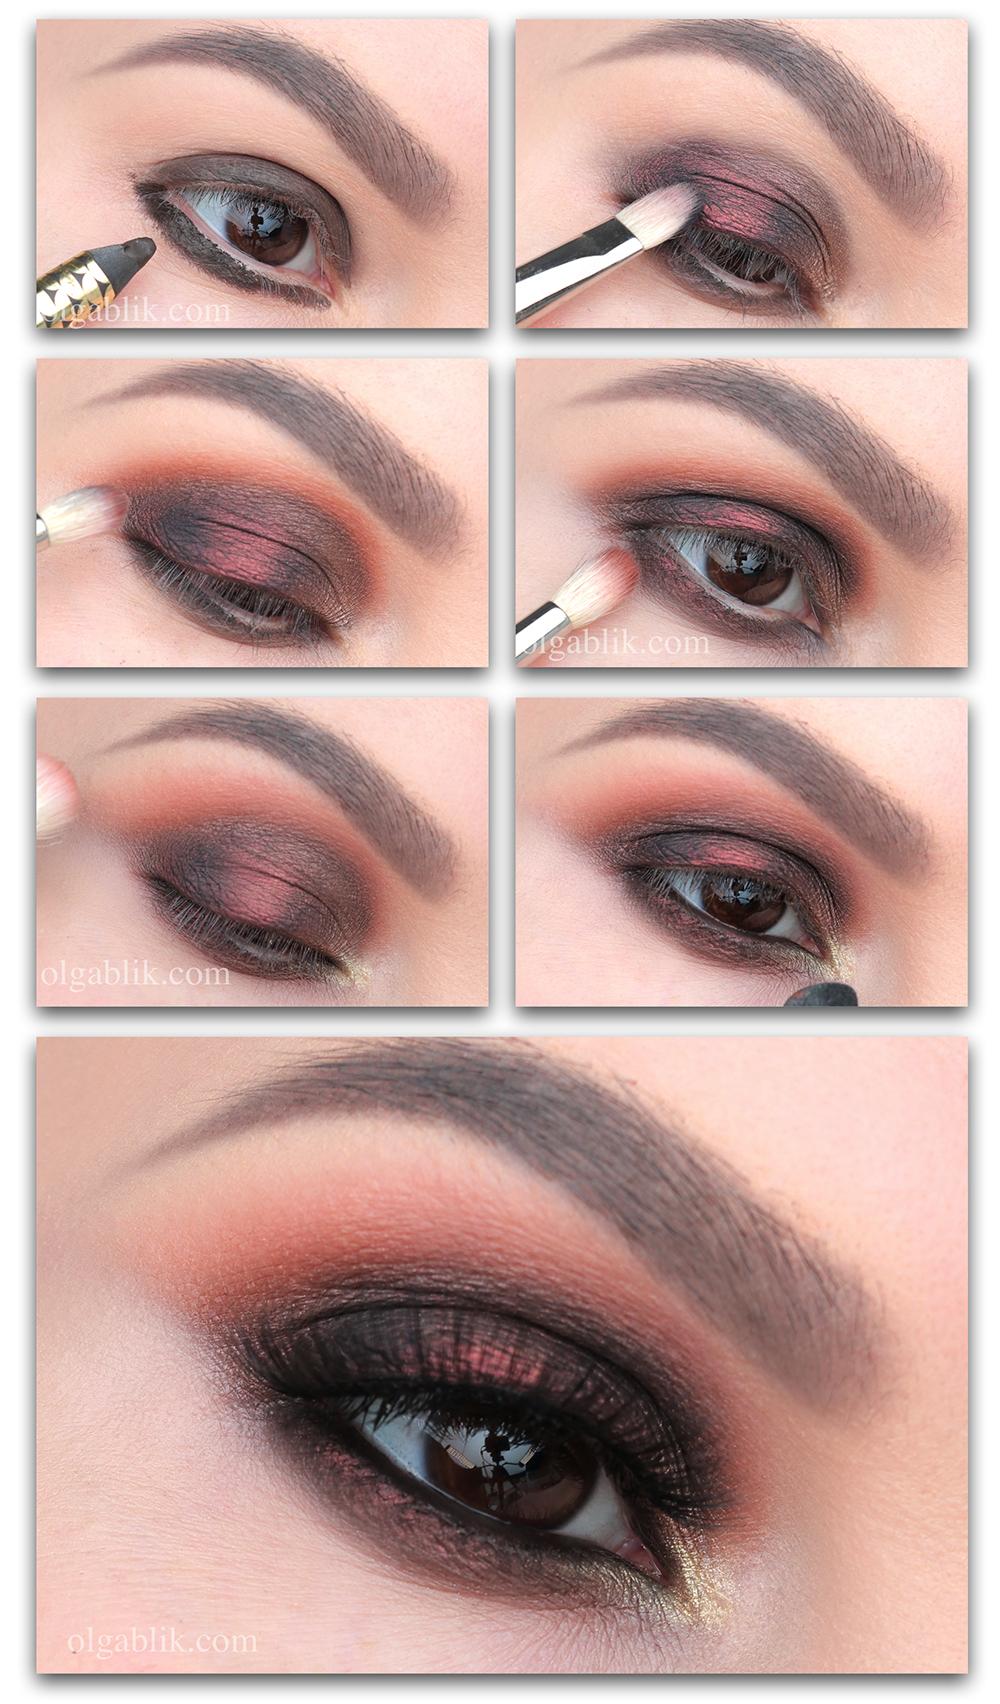 Новогодний макияж Smoky Eyes, макияж на Новый год, как накраситься на Новый год